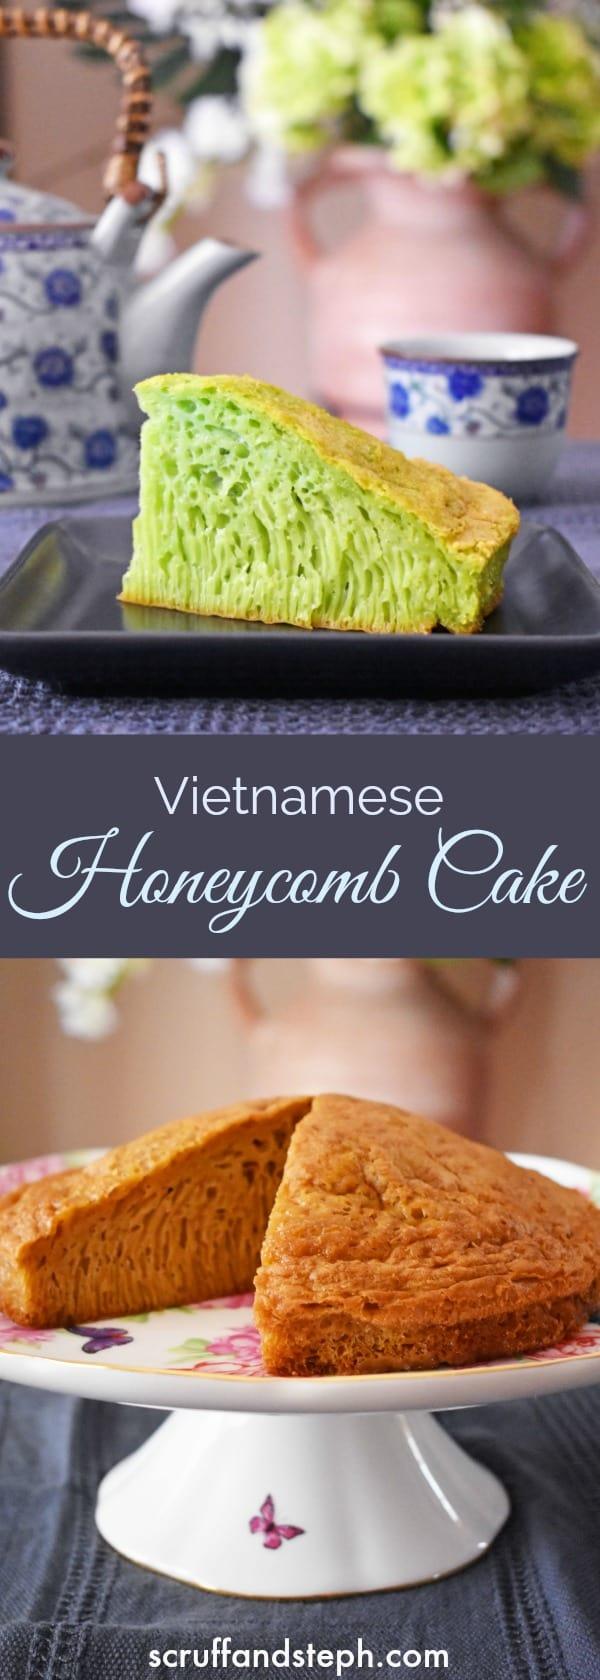 Vietnamese Honeycomb Cake - Banh Bo Nuong